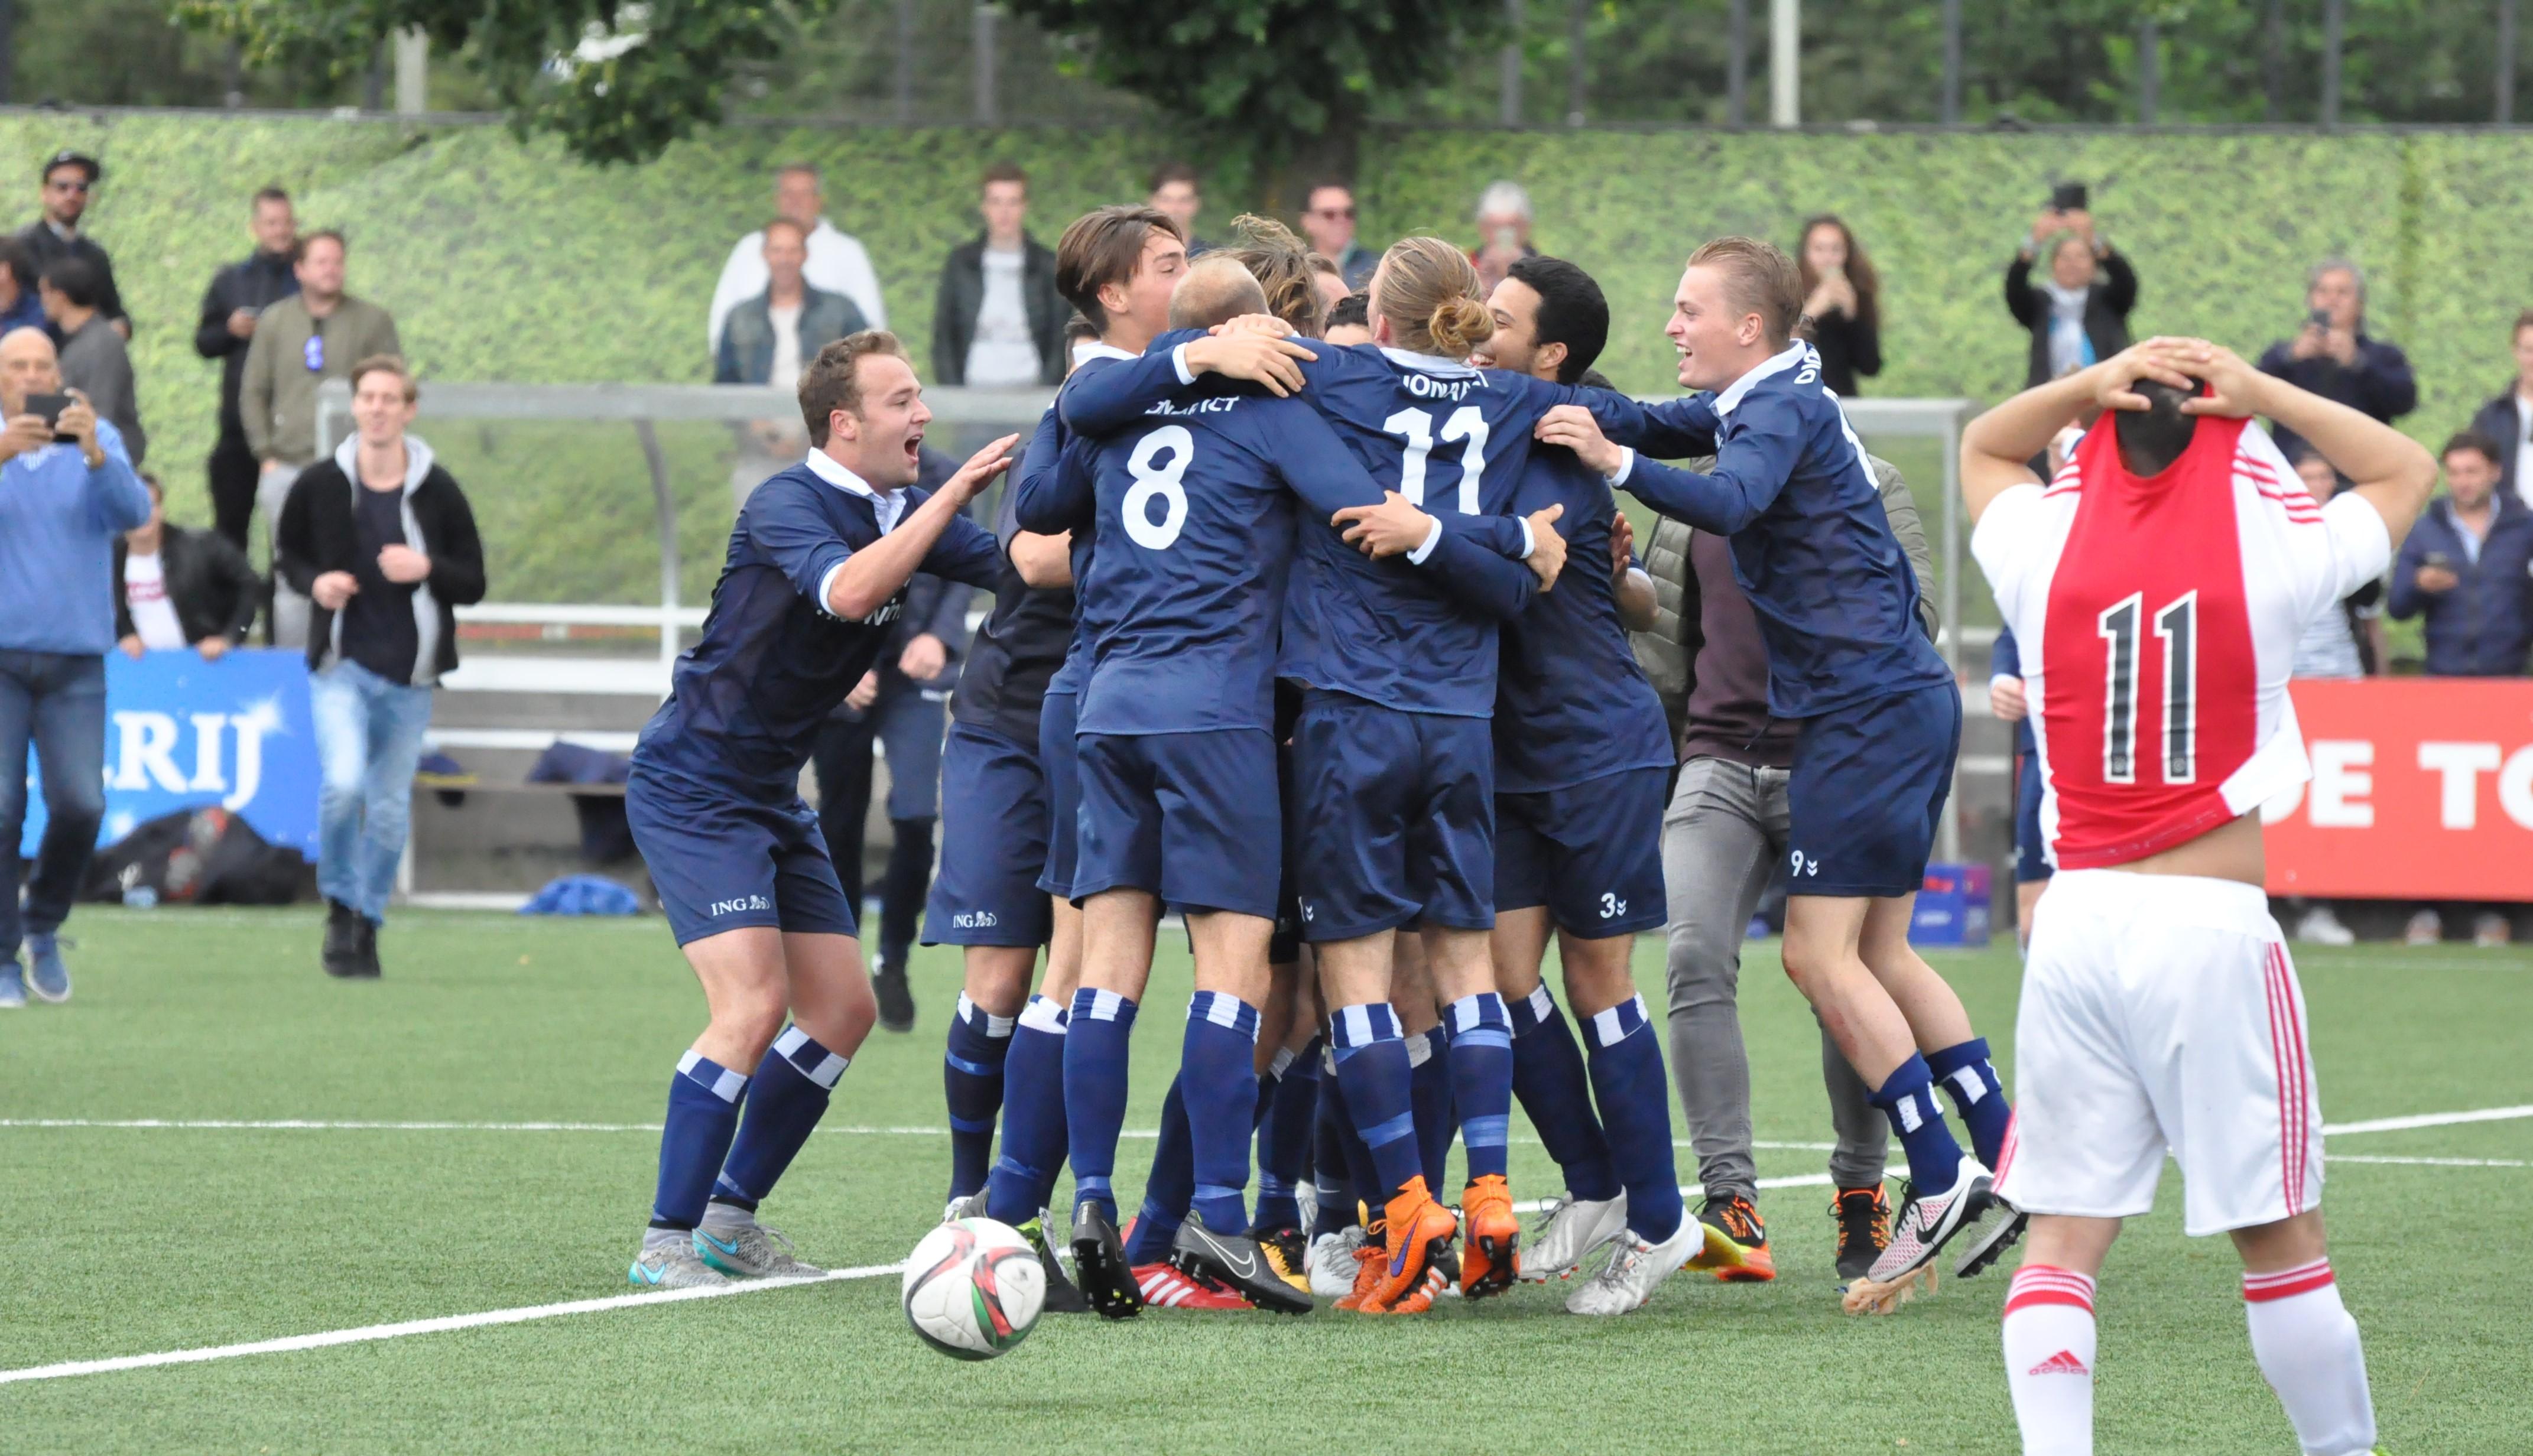 Ajax 2 - Kon. HFC 2 - Voetbal in Haarlem